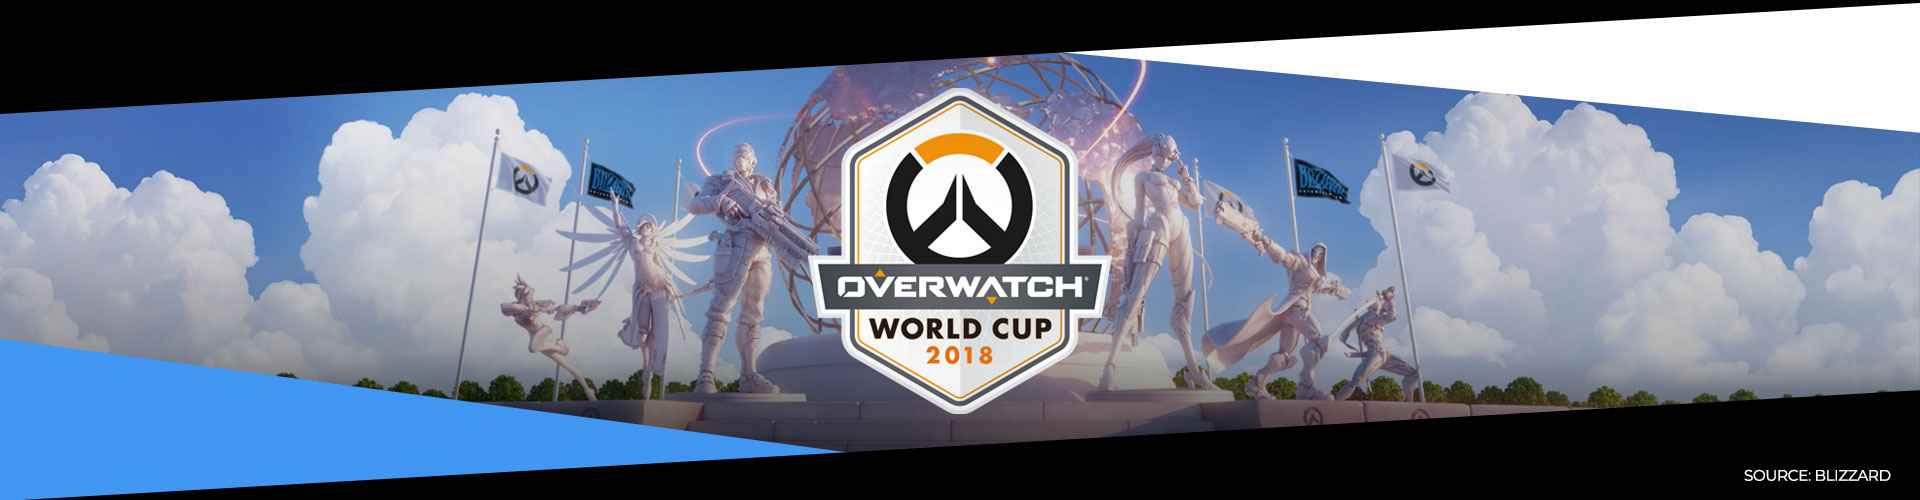 Eventsida för Overwatch World Cup, som är spelets officiella världsmästerskap.